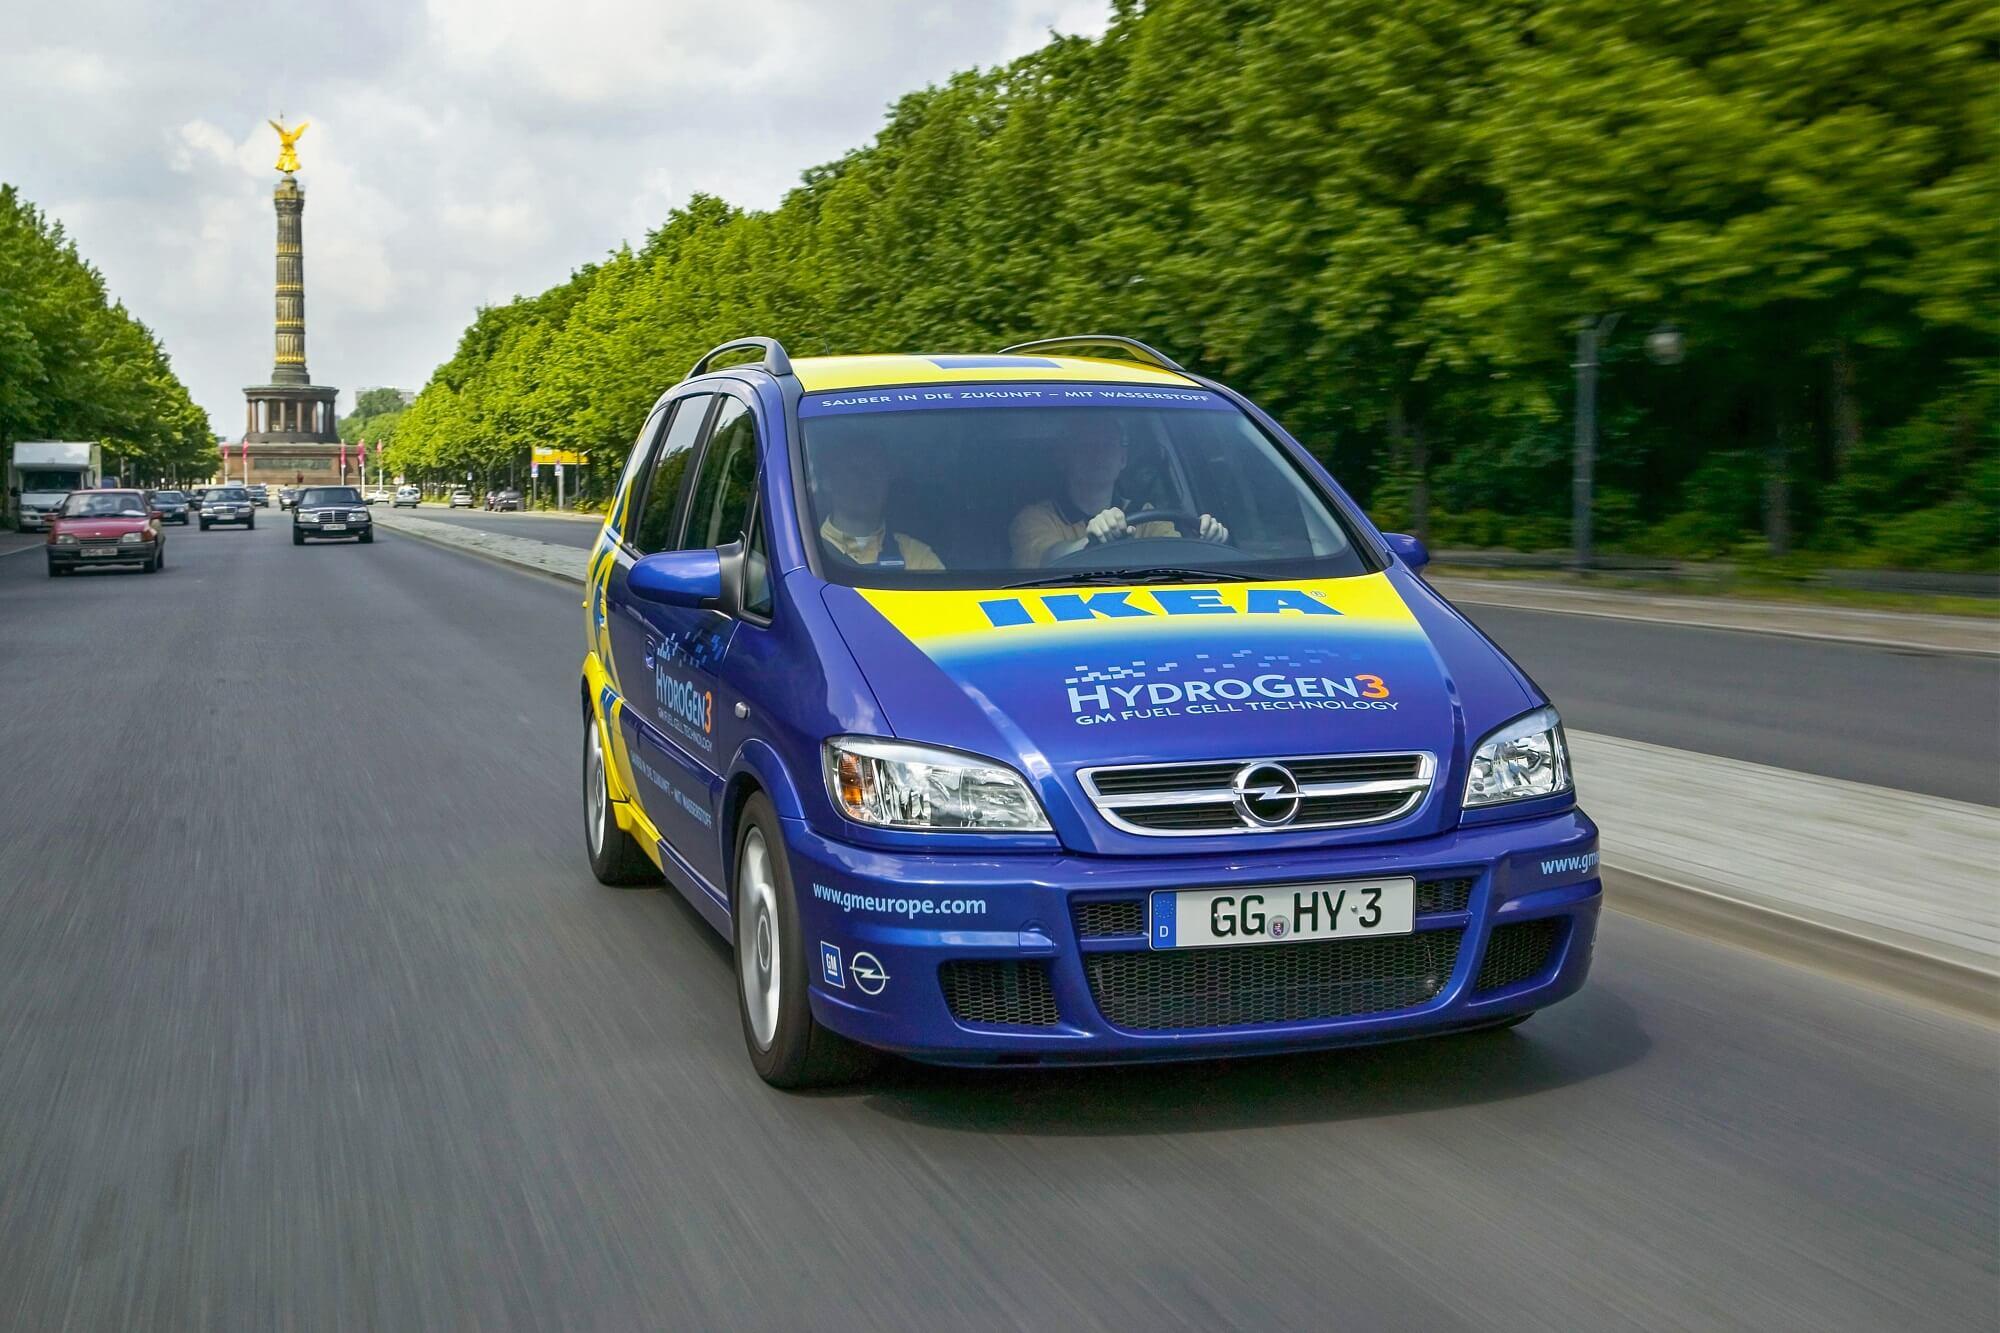 Opel Hydrogen 3